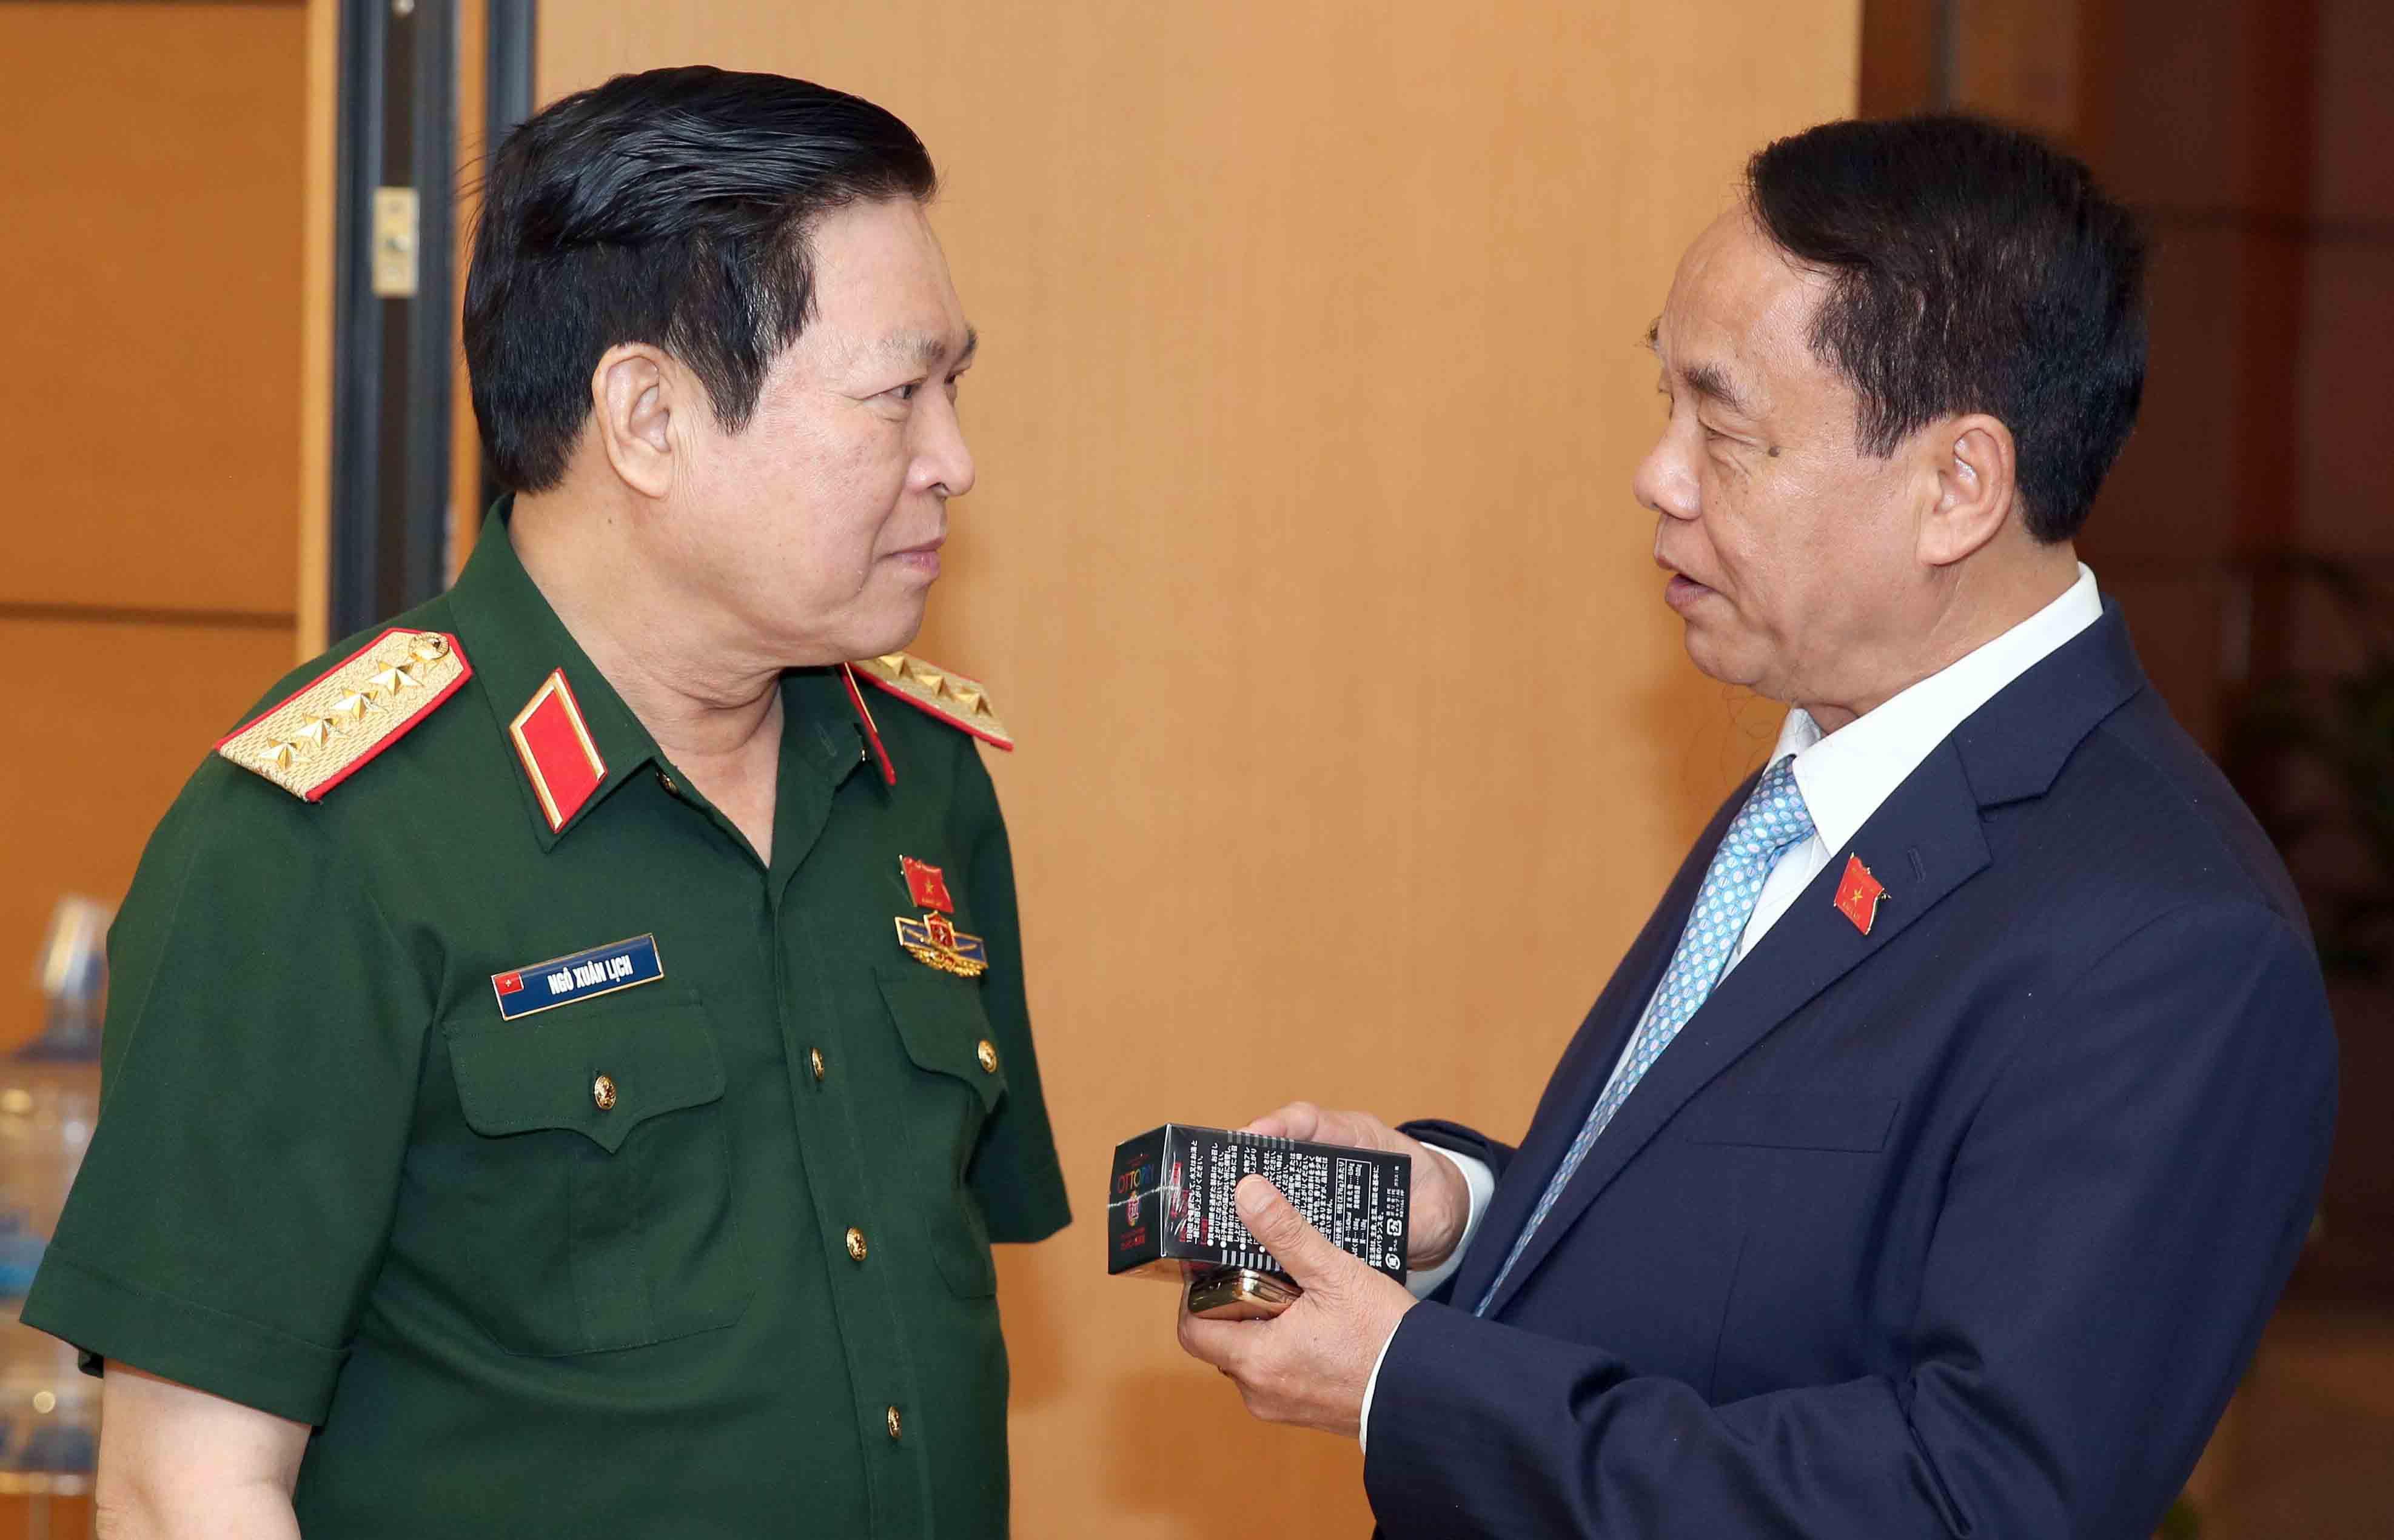 Tướng quân đội CSVN trao đổi thuốc kích dục trong trụ sở quốc hội